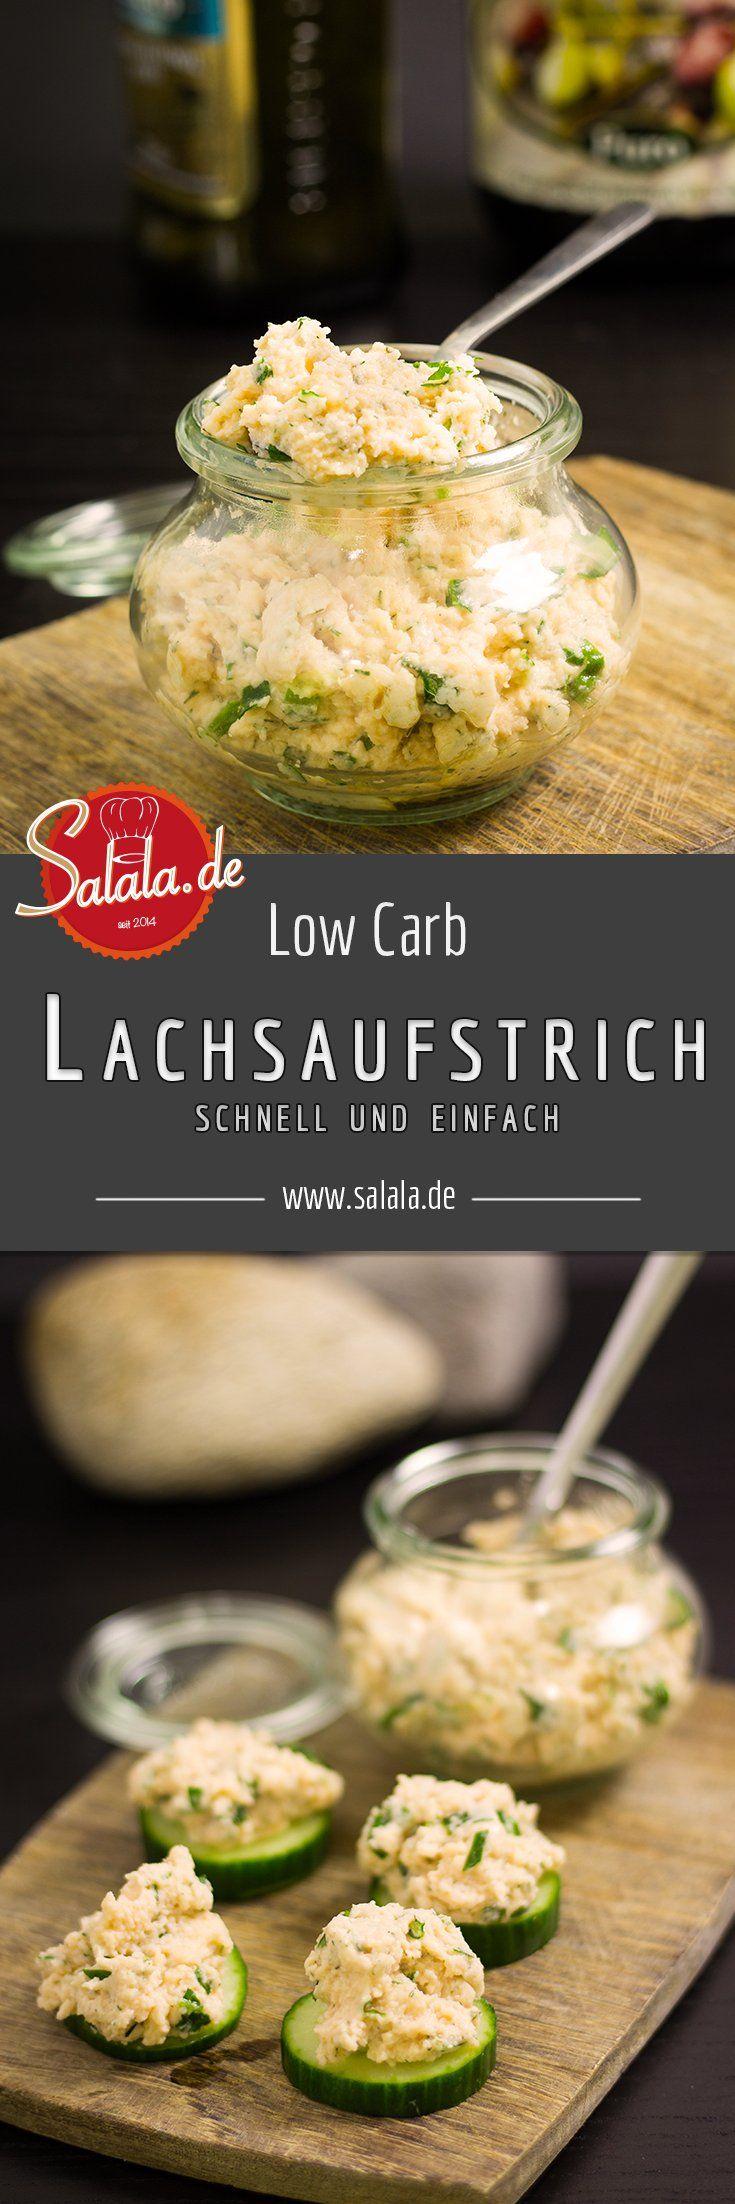 Lachsaufstrich Rezept schnell einfach und Low Carb - by salala.de - Frischkäse Lachs Brotaufstrich Low Carb selber machen zum Frühstück